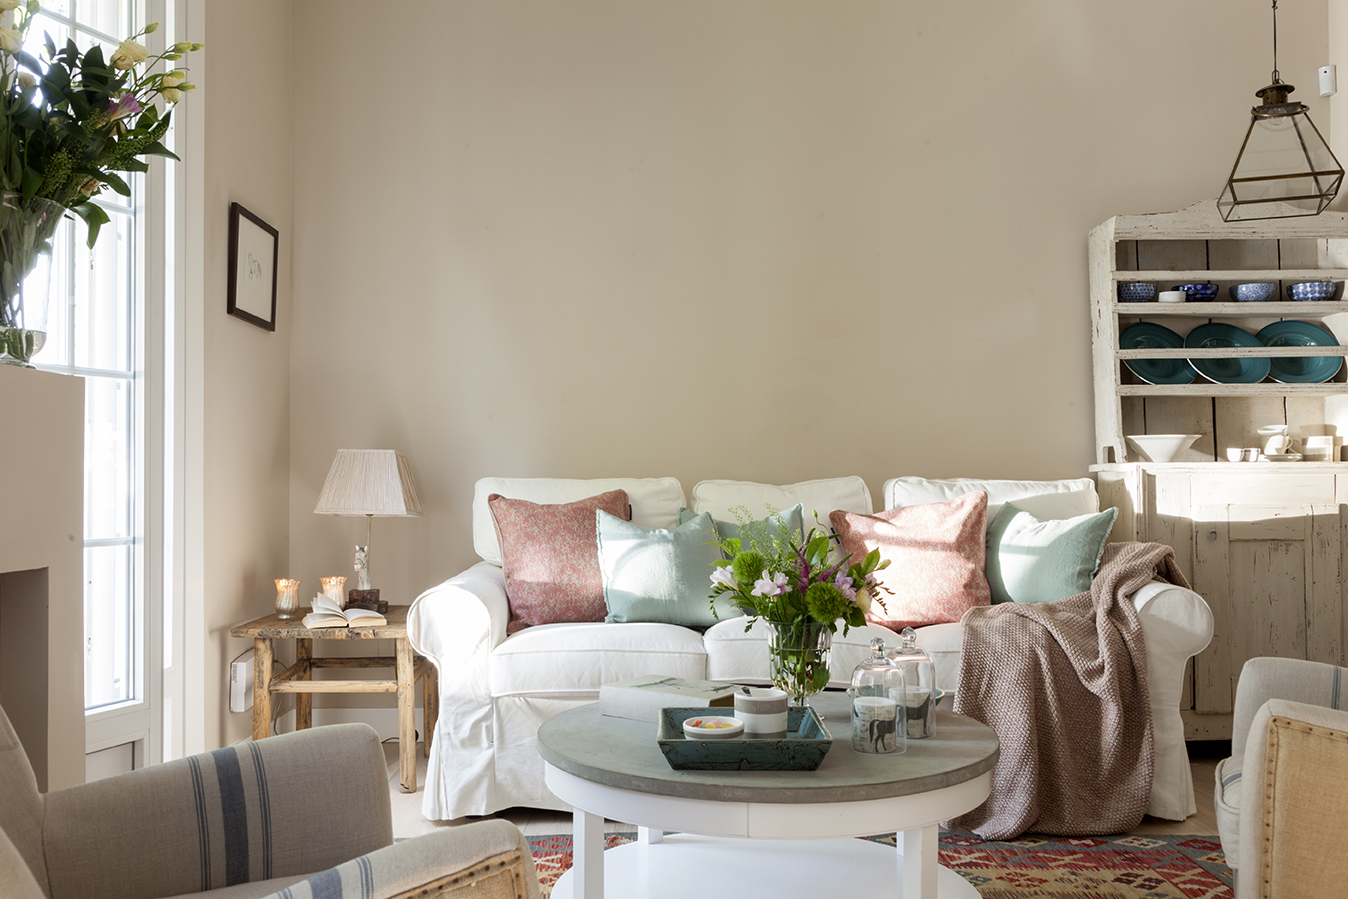 Sof s blancos todas las ventajas - Decoracion de sofas con cojines ...